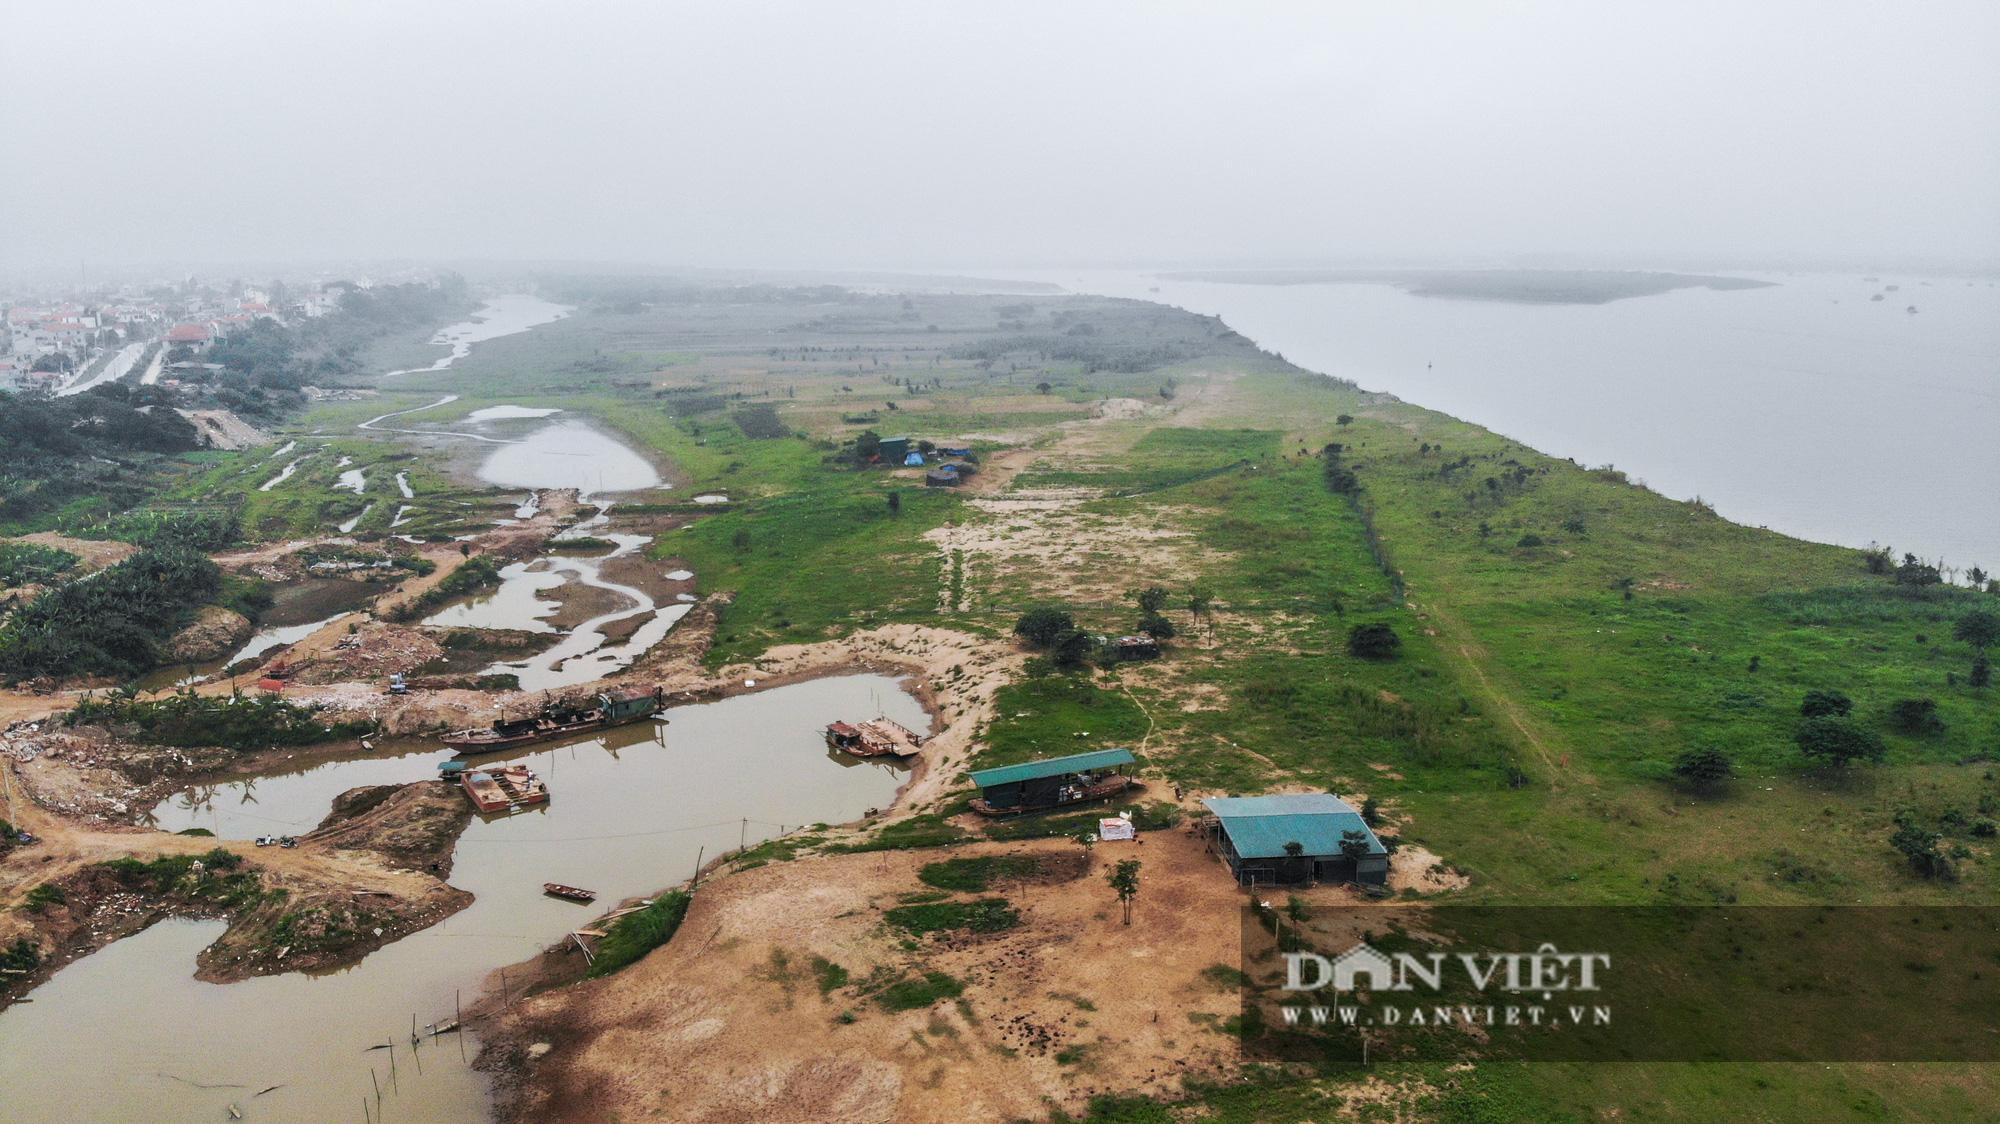 Những hoạt động trong khu vực quy hoạch ven sông Hồng có gì? - Ảnh 8.